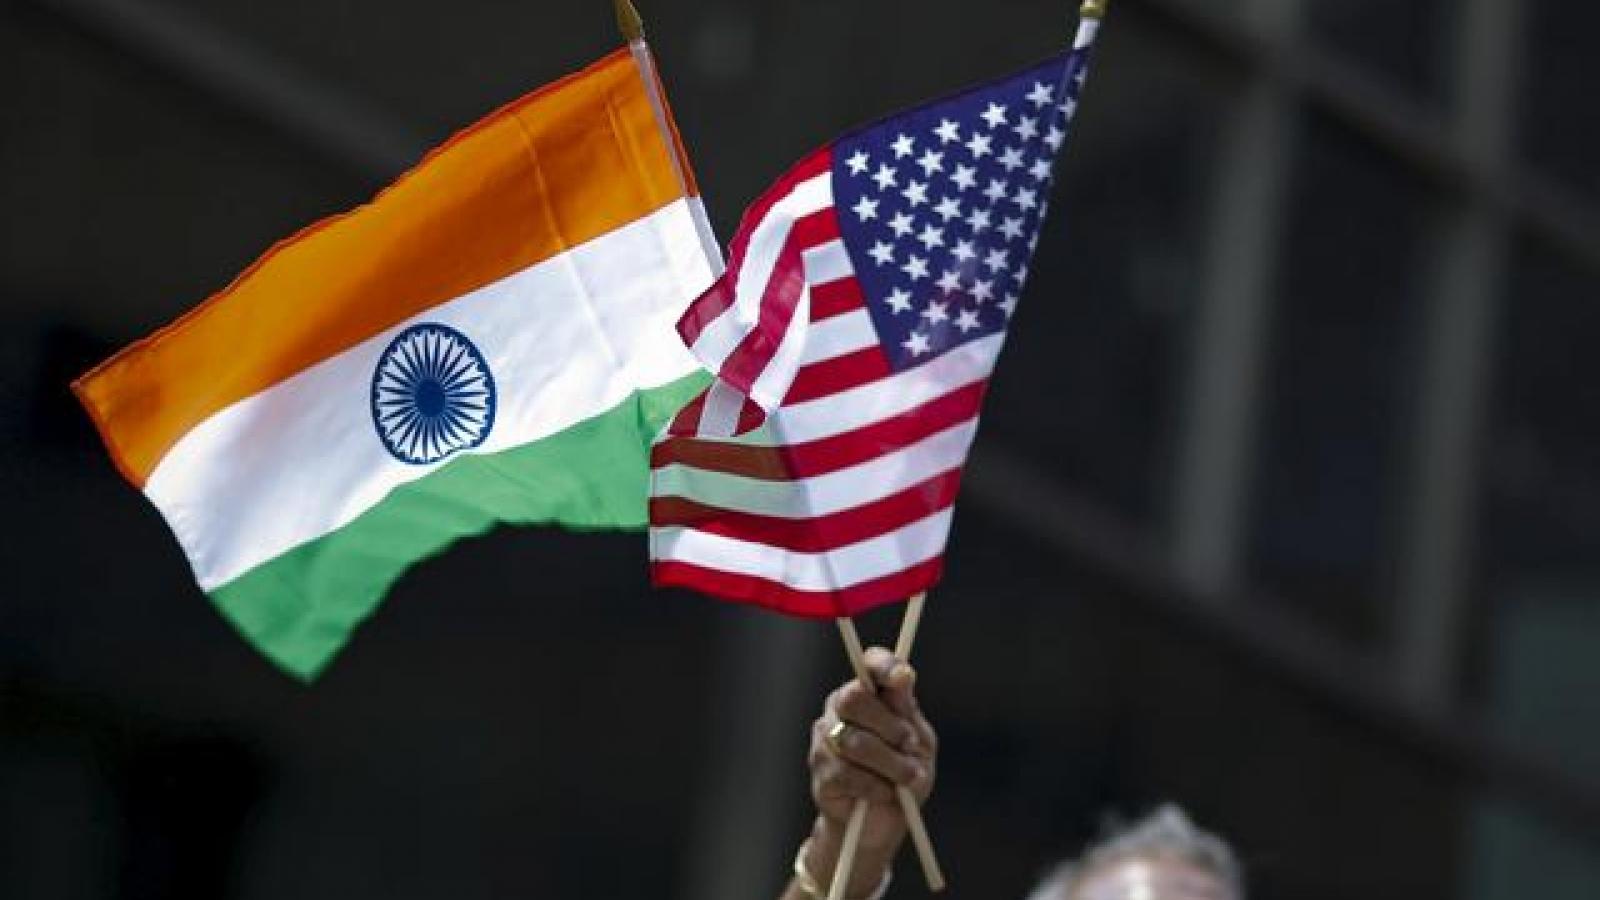 Mỹ - Ấn Độ tái khẳng định quan hệ quốc phòng song phương chặt chẽ